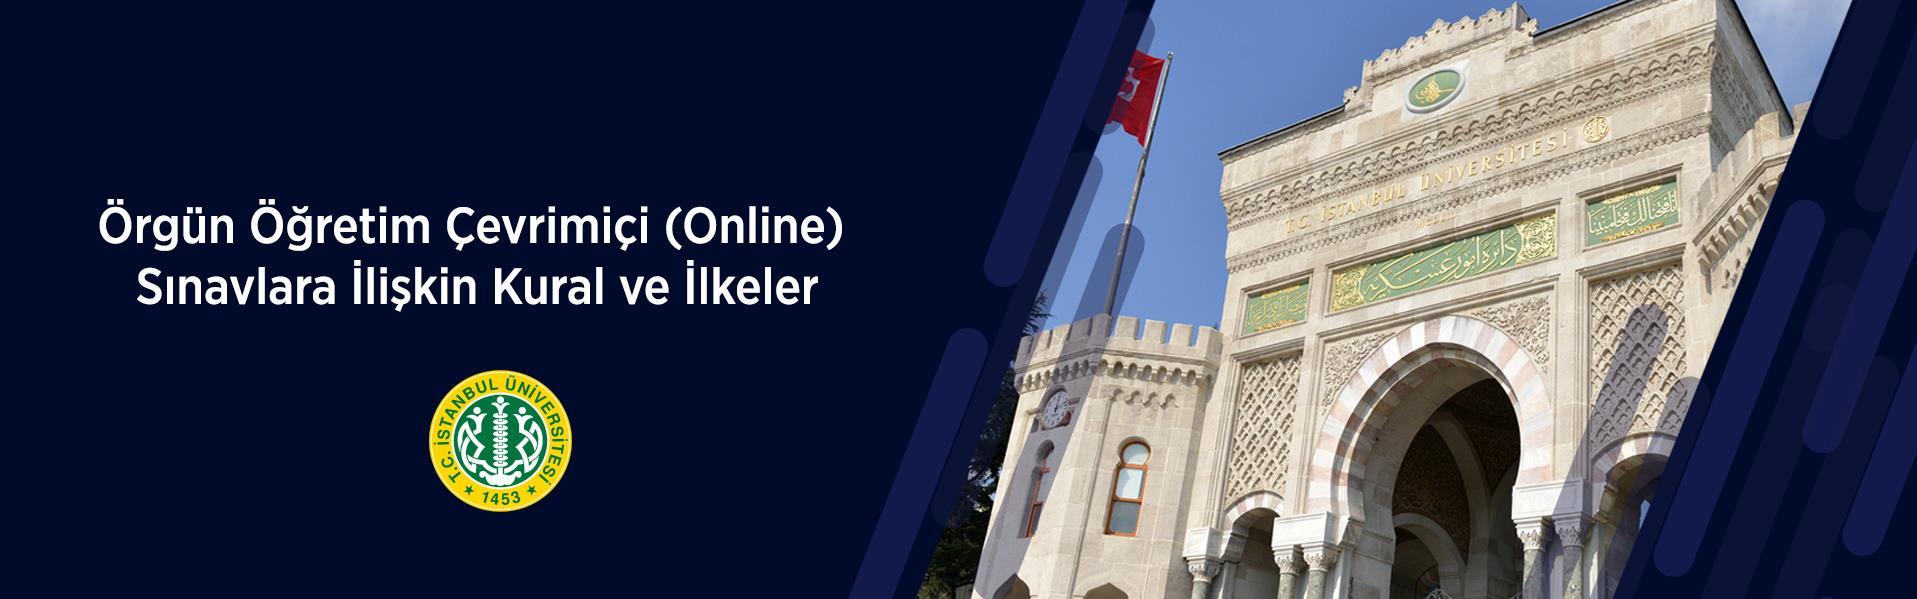 çevrimiçi-sınav kural ilke uzaktan-eğitim